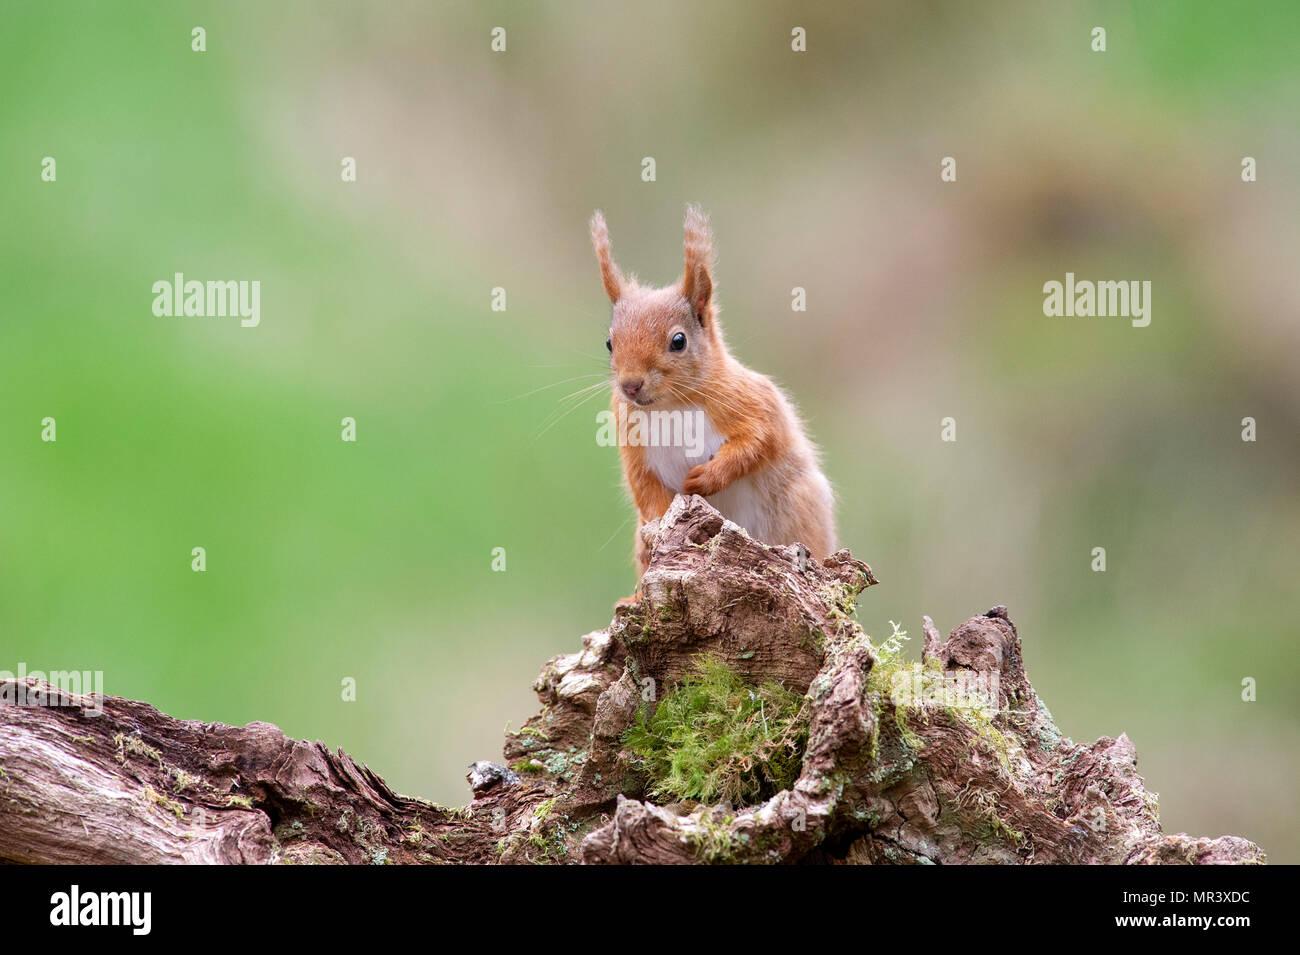 Un écureuil roux (Sciurus vulgaris) dans les zones boisées de Dumfries et Galloway, Écosse, Royaume-Uni Photo Stock